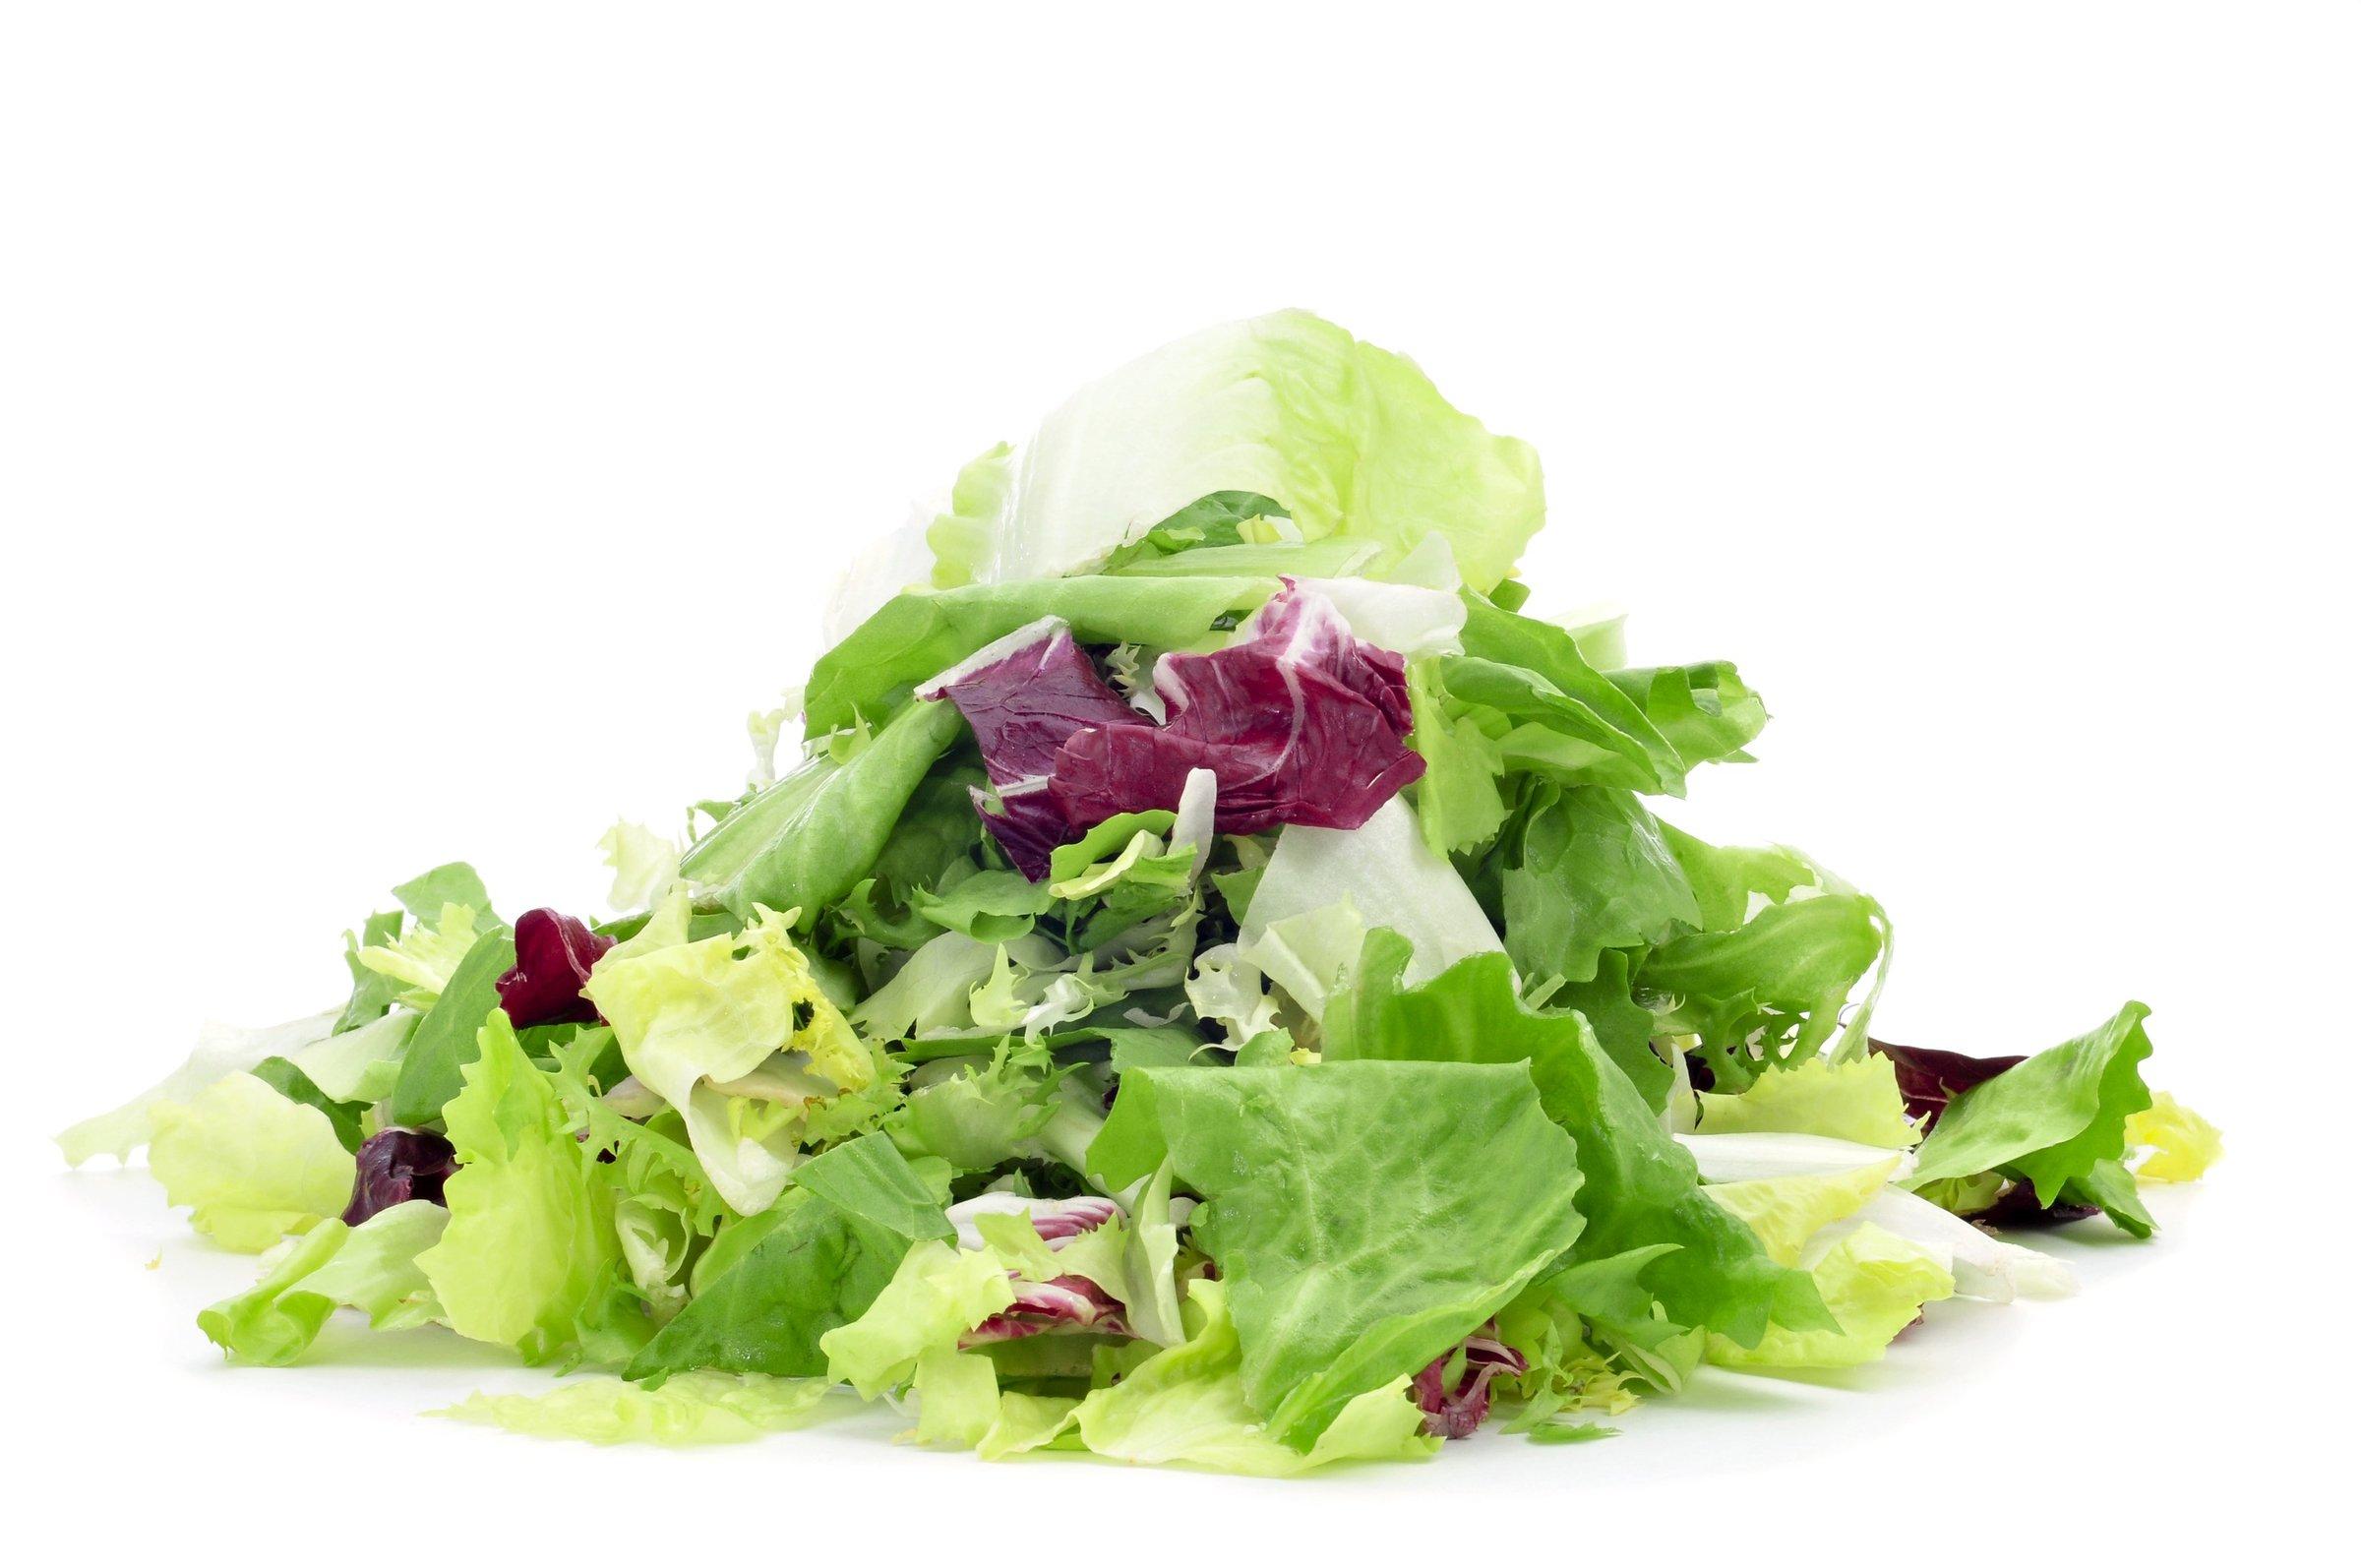 Lettuce_Mesclun_Mixed_Salad